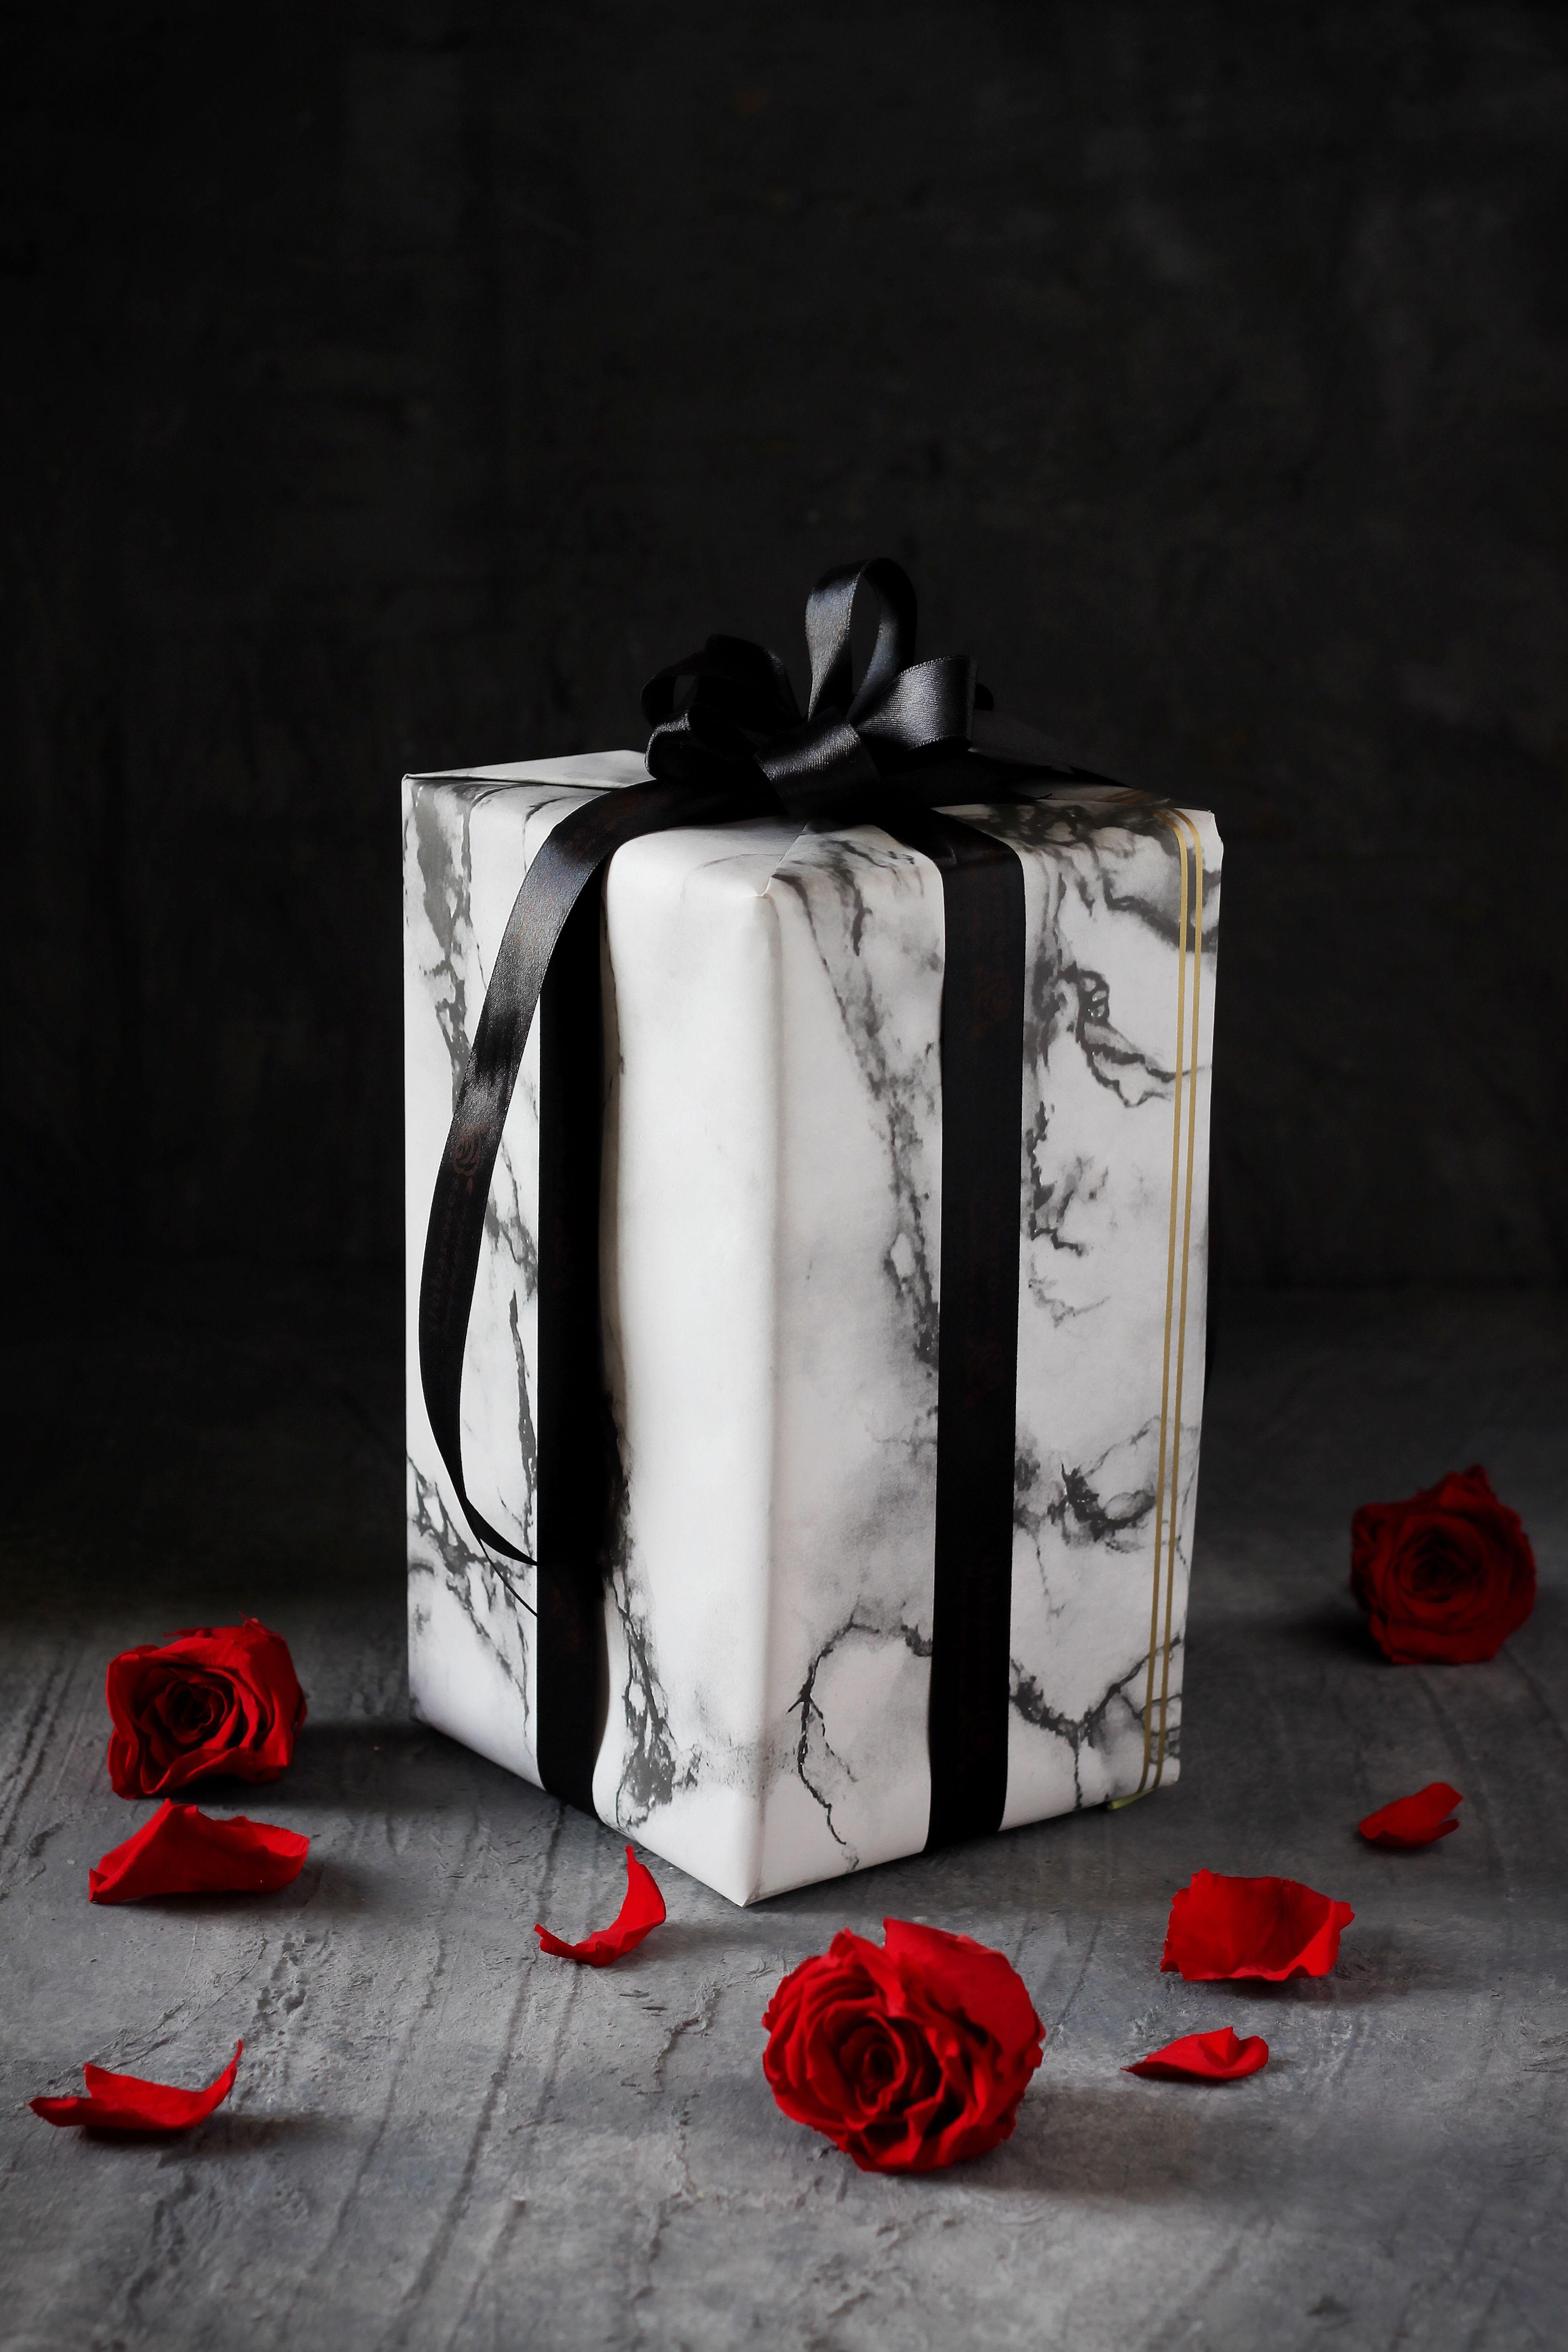 وردة ايلوبا روز احمر داخل فازة زجاجية Gifts Gift Wrapping Wrap